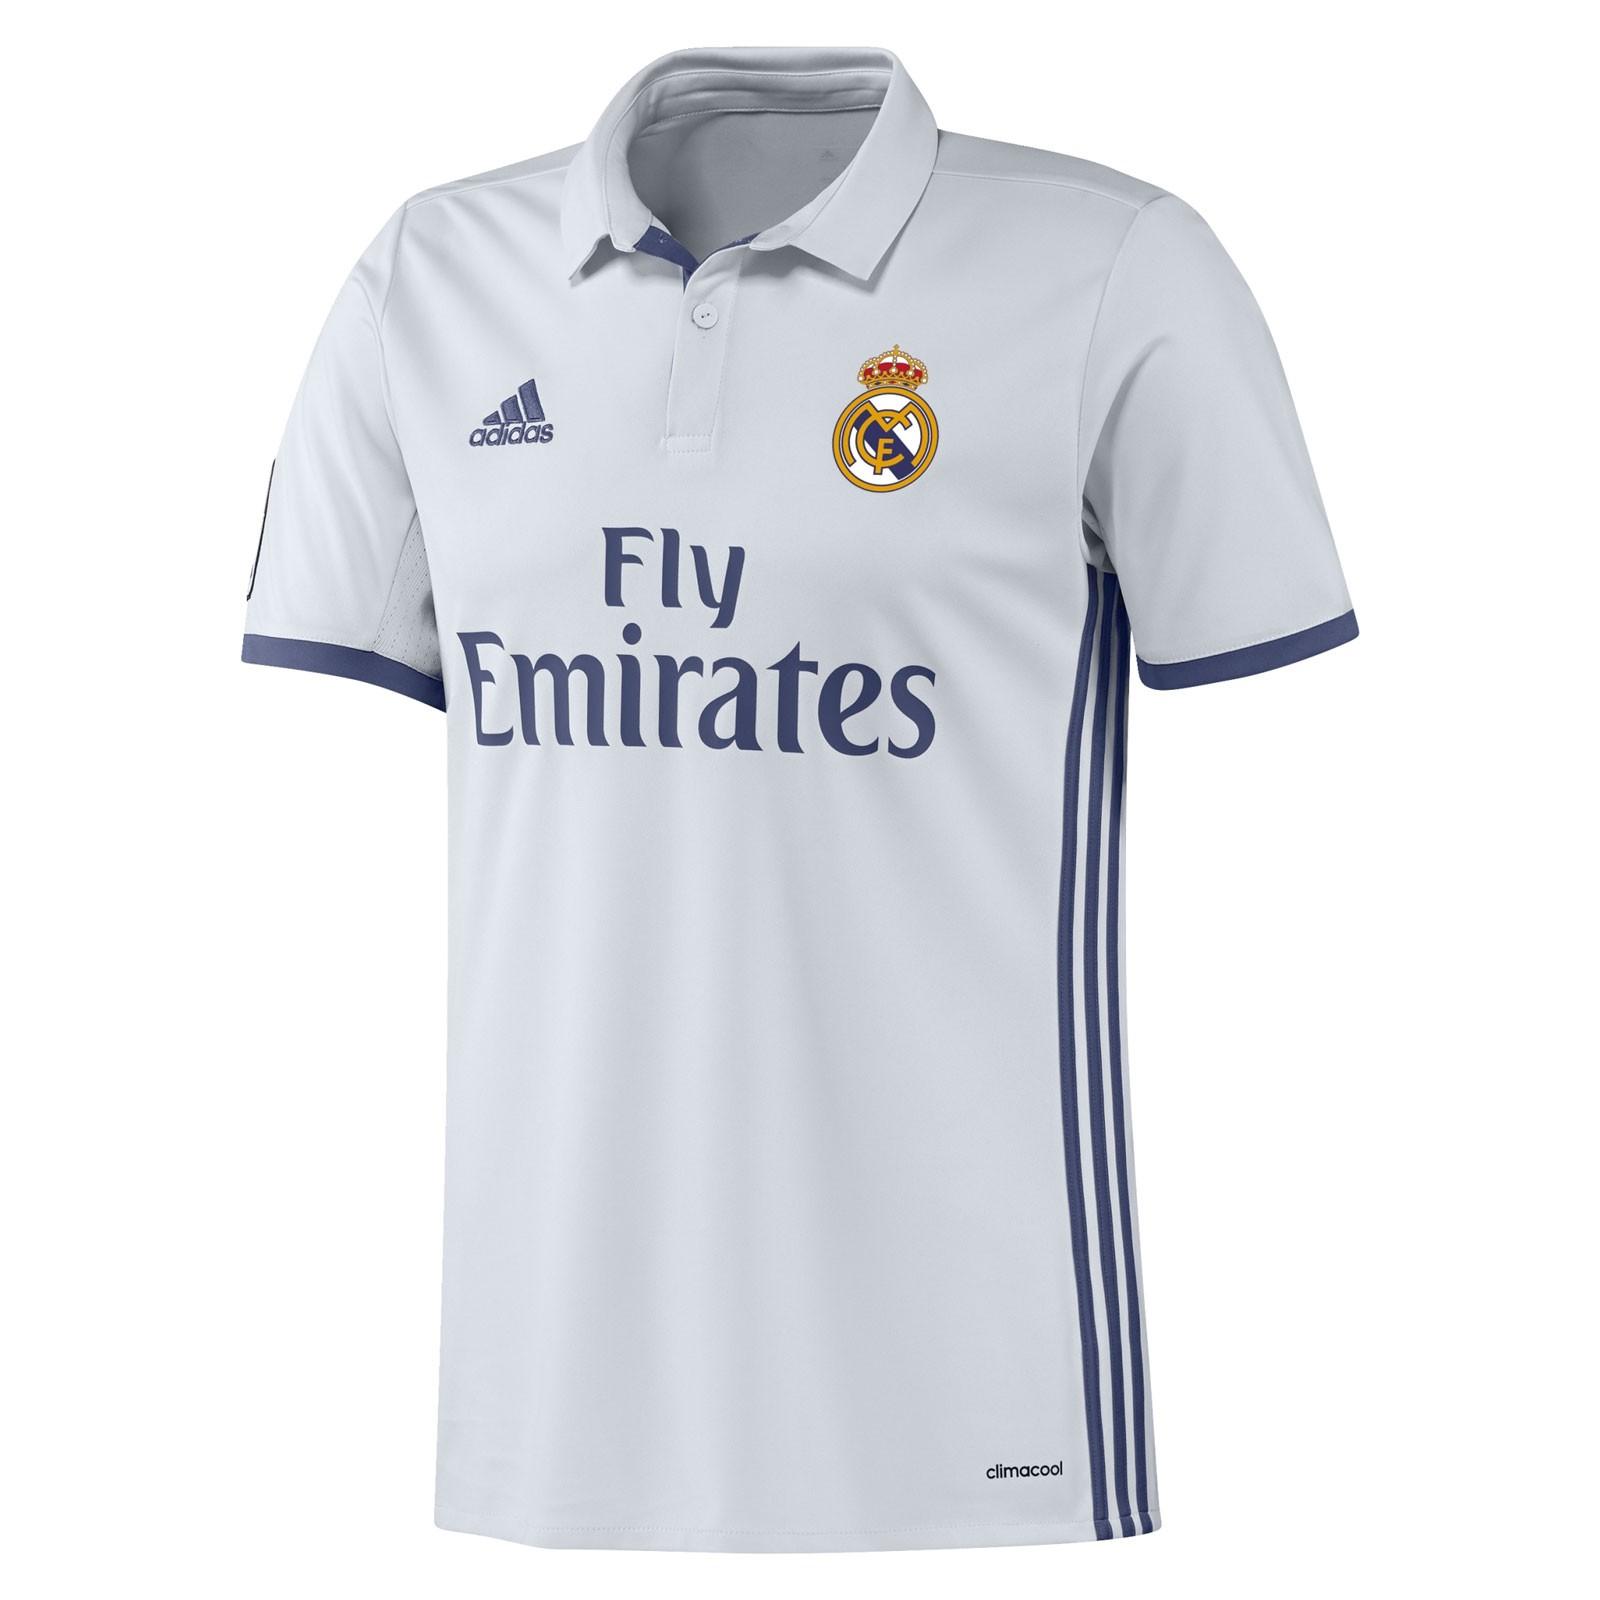 皇家马德里2016-17赛季球迷版主场球衣